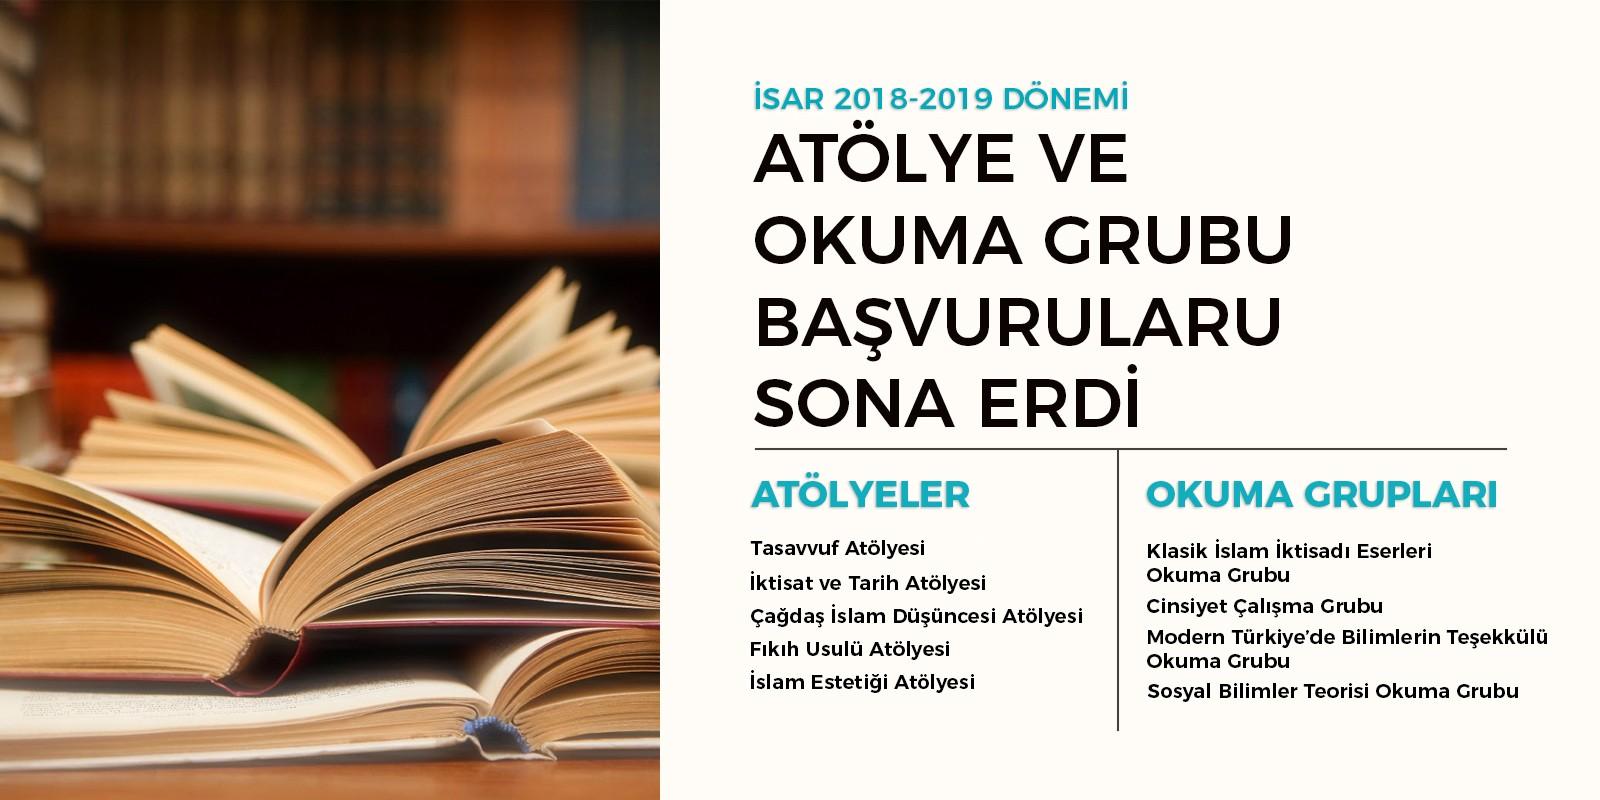 İSAR 2018-2019 Okuma Grupları ve Atölye Başvuruları Sona Erdi